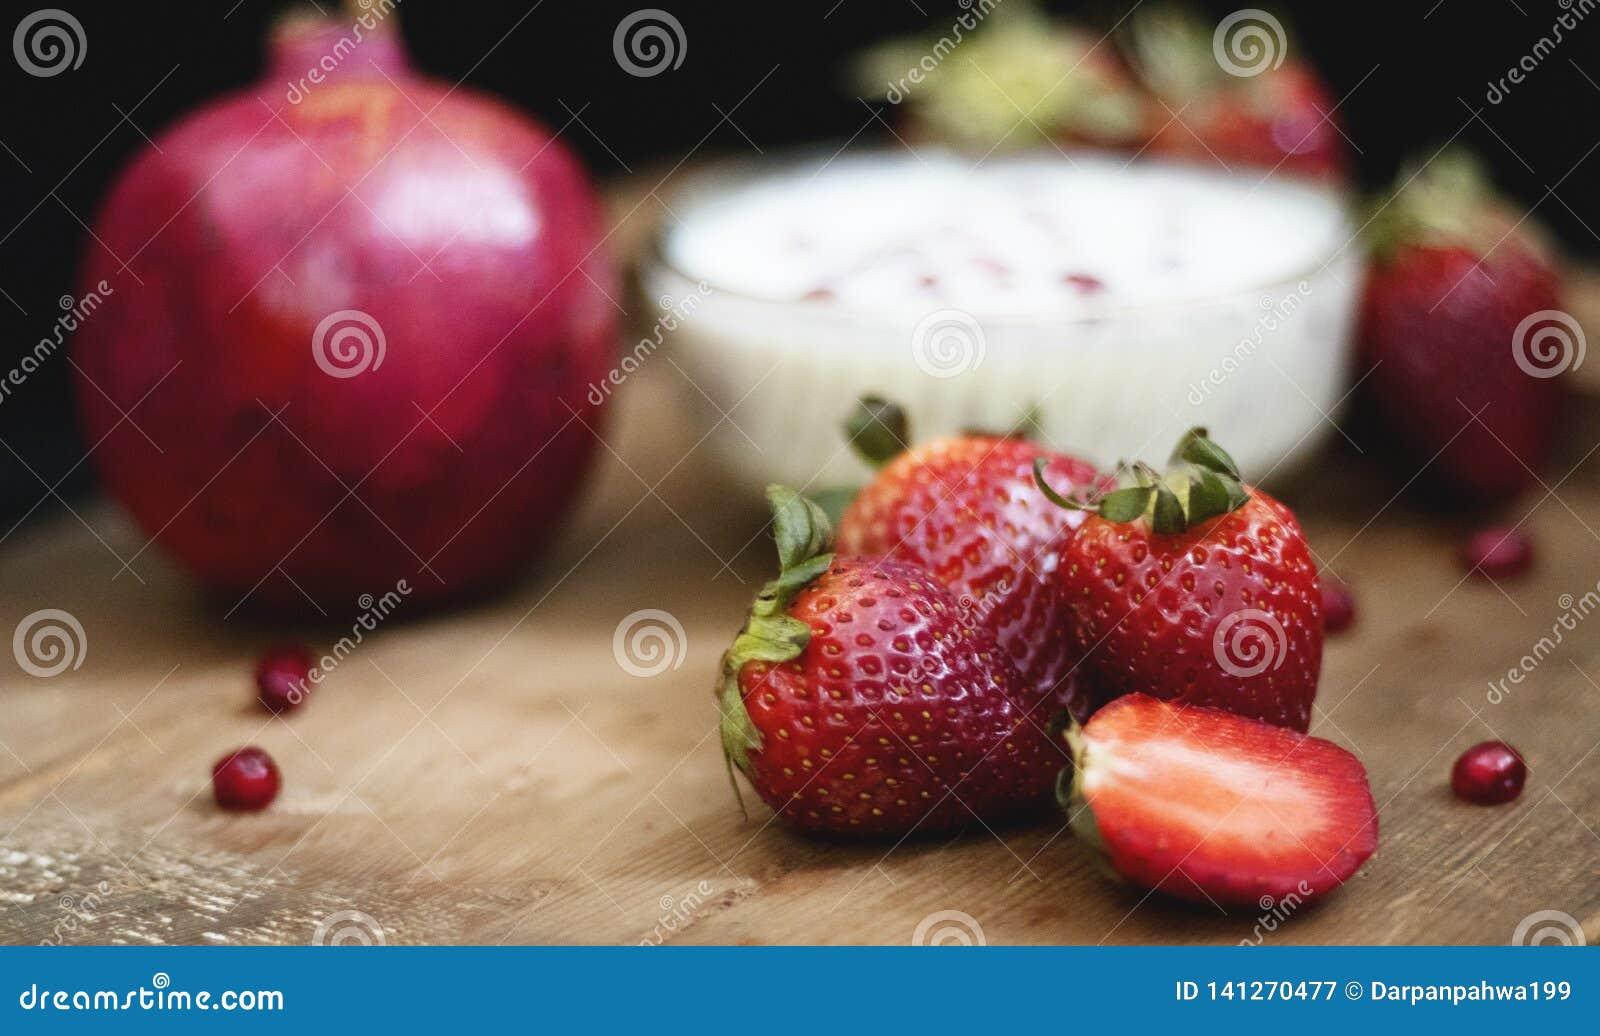 κρέμα φρούτων στον ξύλινο πίνακα με το ρόδι και άλλες φράουλες σε ένα σκοτεινό υπόβαθρο